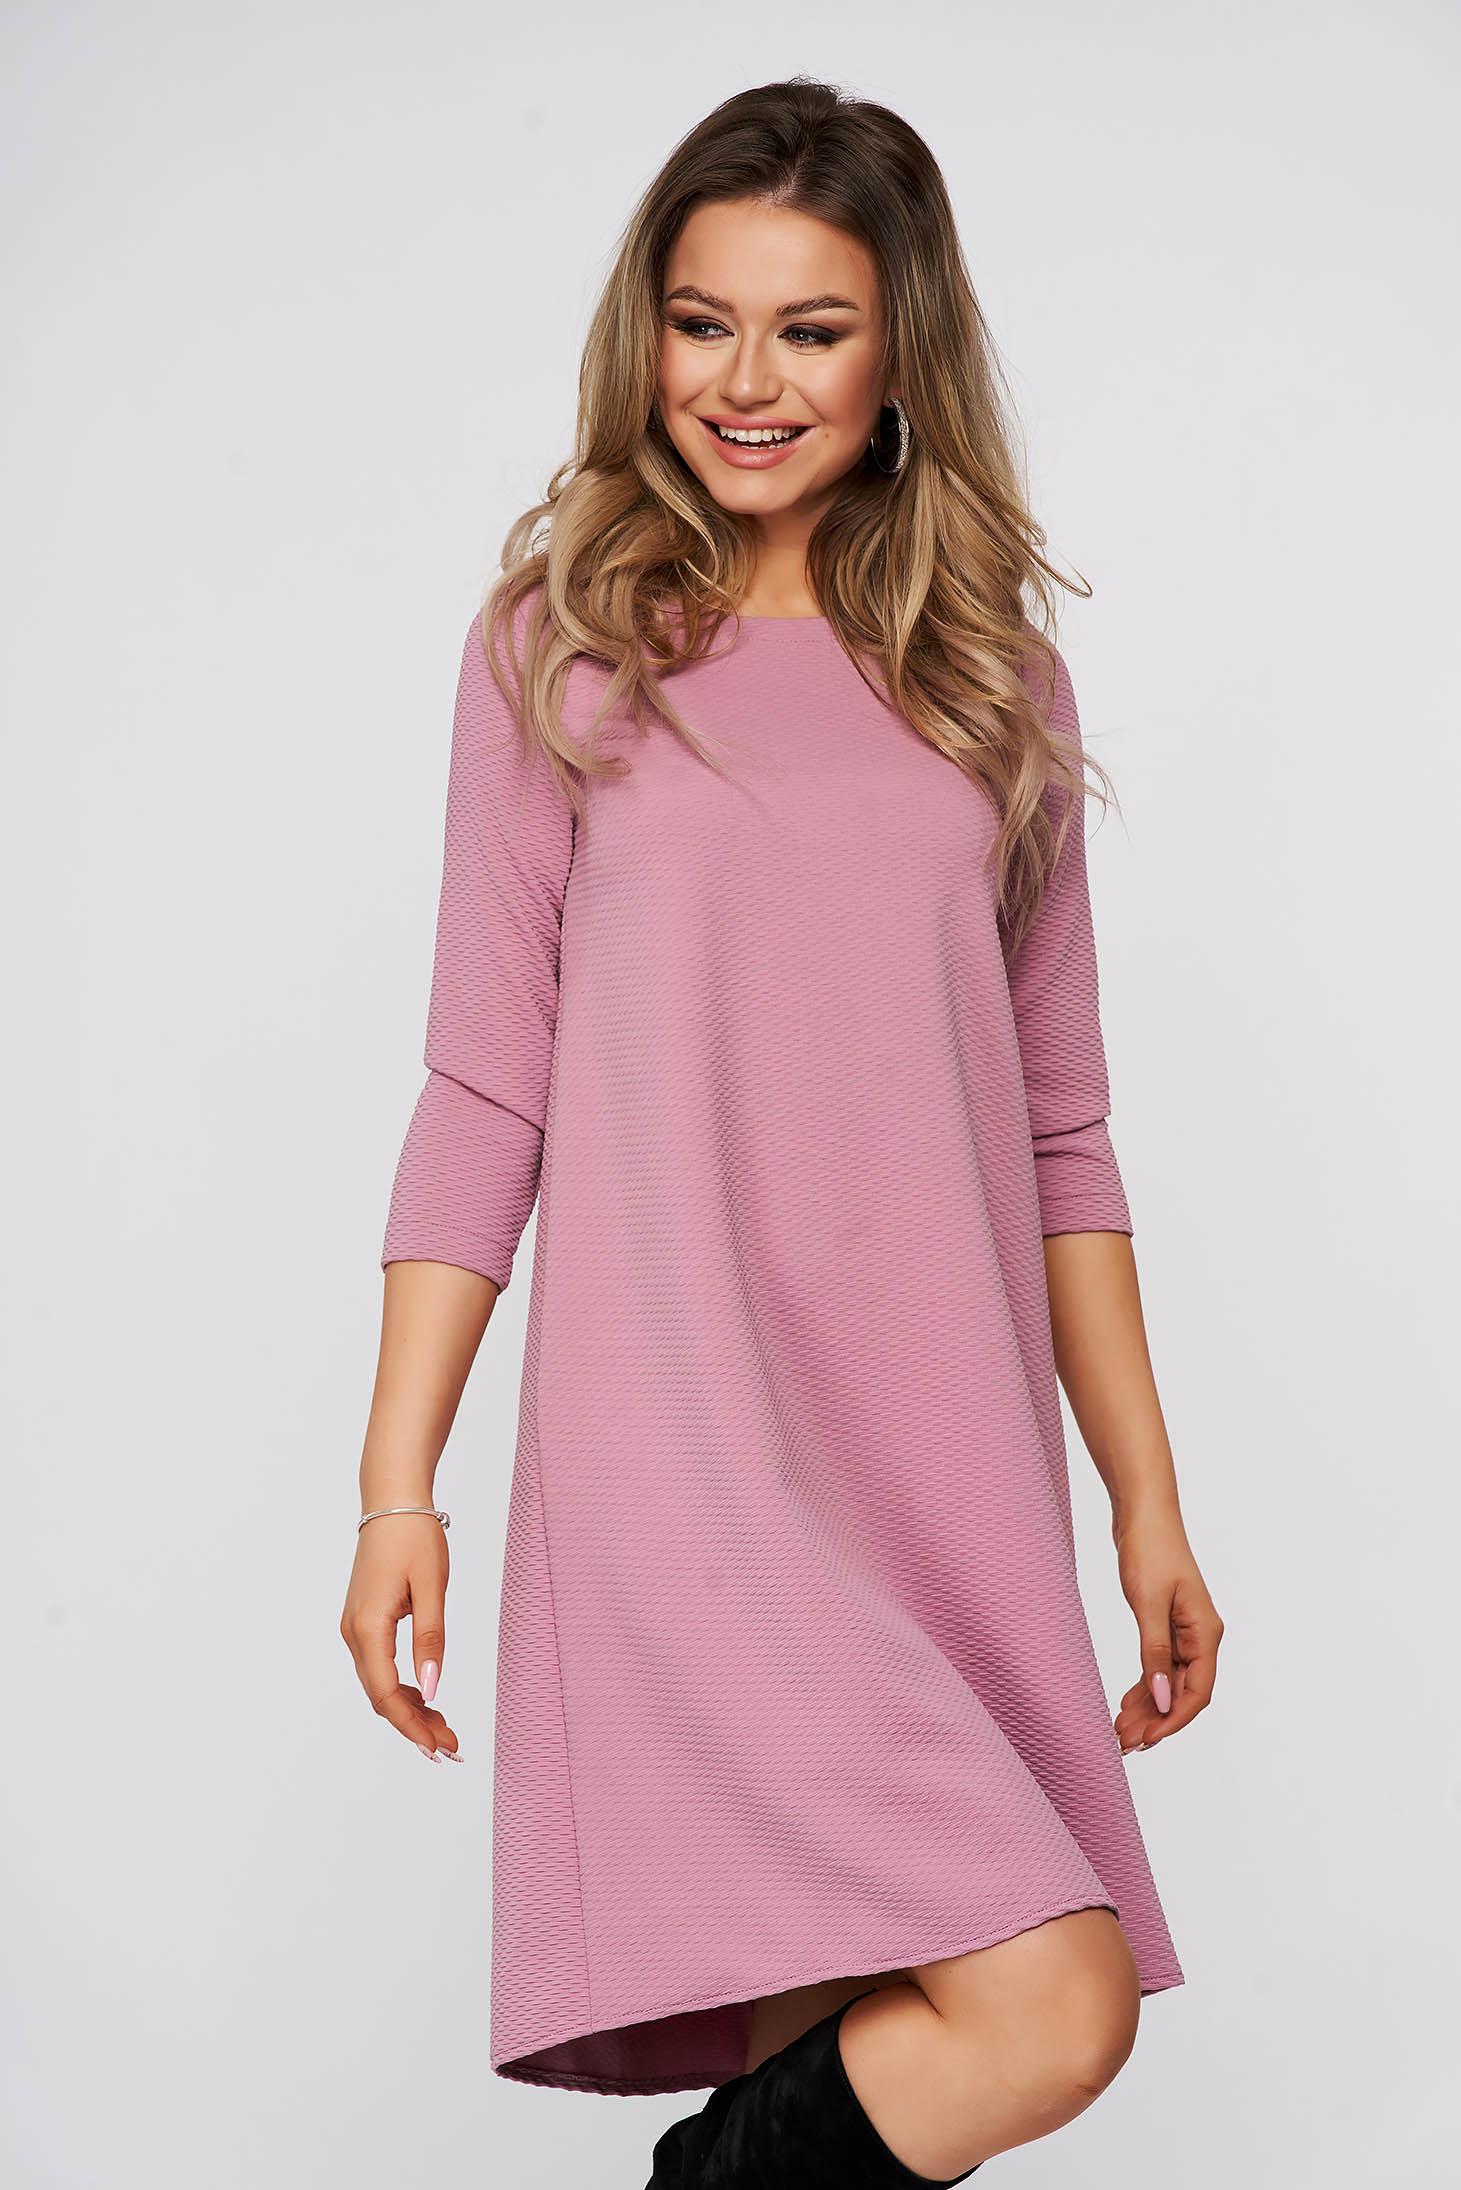 Rochie StarShinerS roz prafuit scurta de zi din material usor elastic gofrat cu croi larg